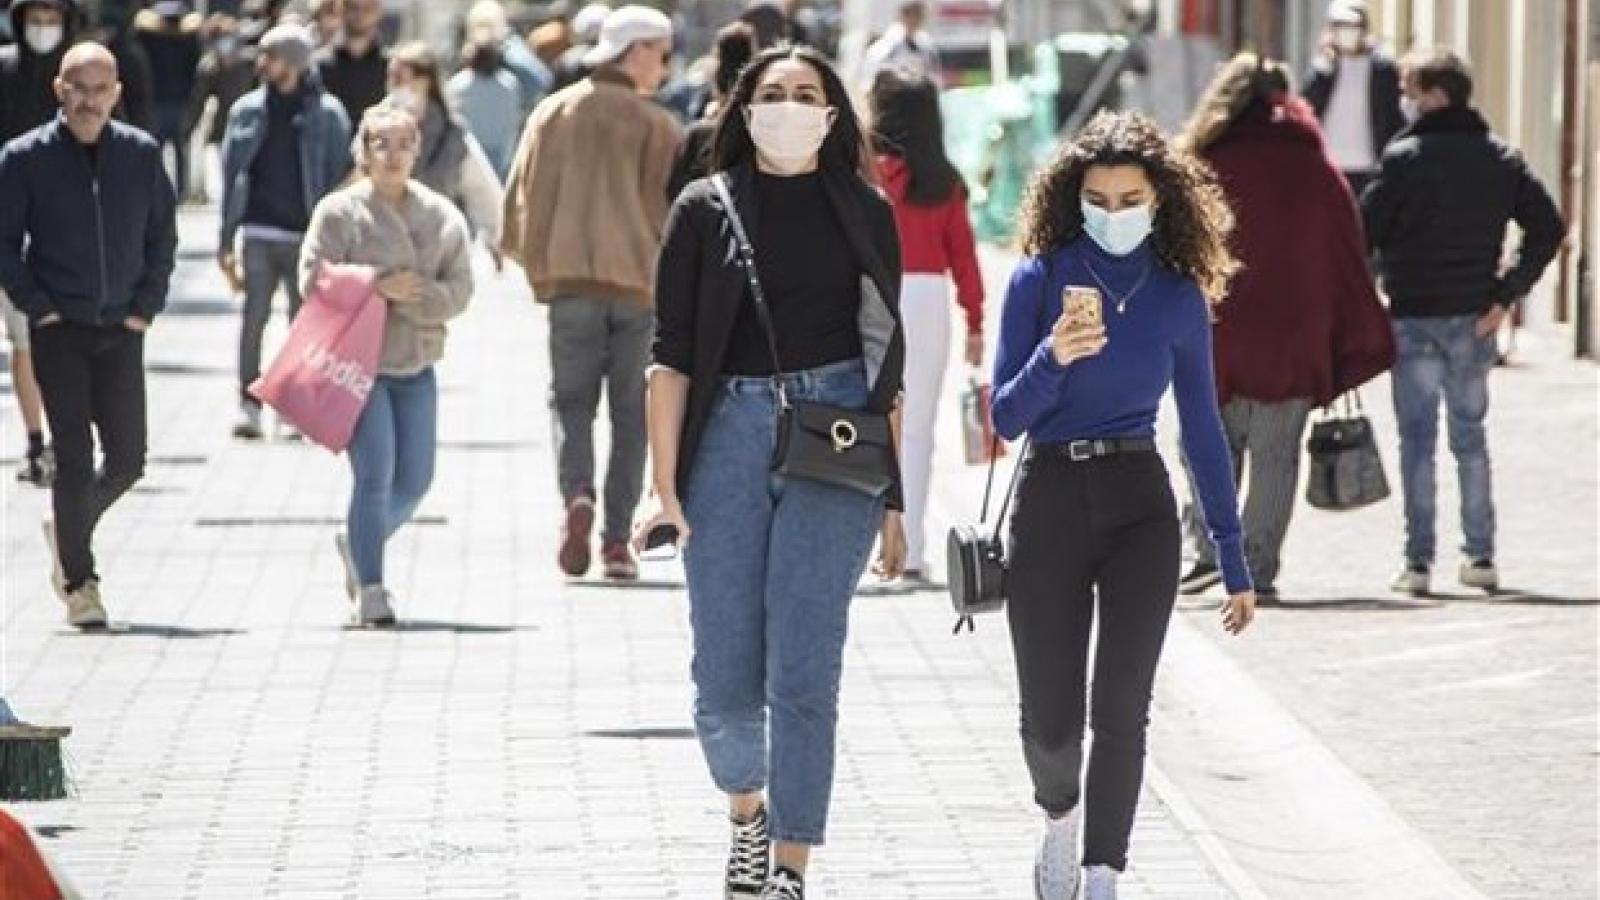 Hàng loạt quốc gia châu Âu nới lỏng hạn chế kiểm soát dịch bệnh Covid-19